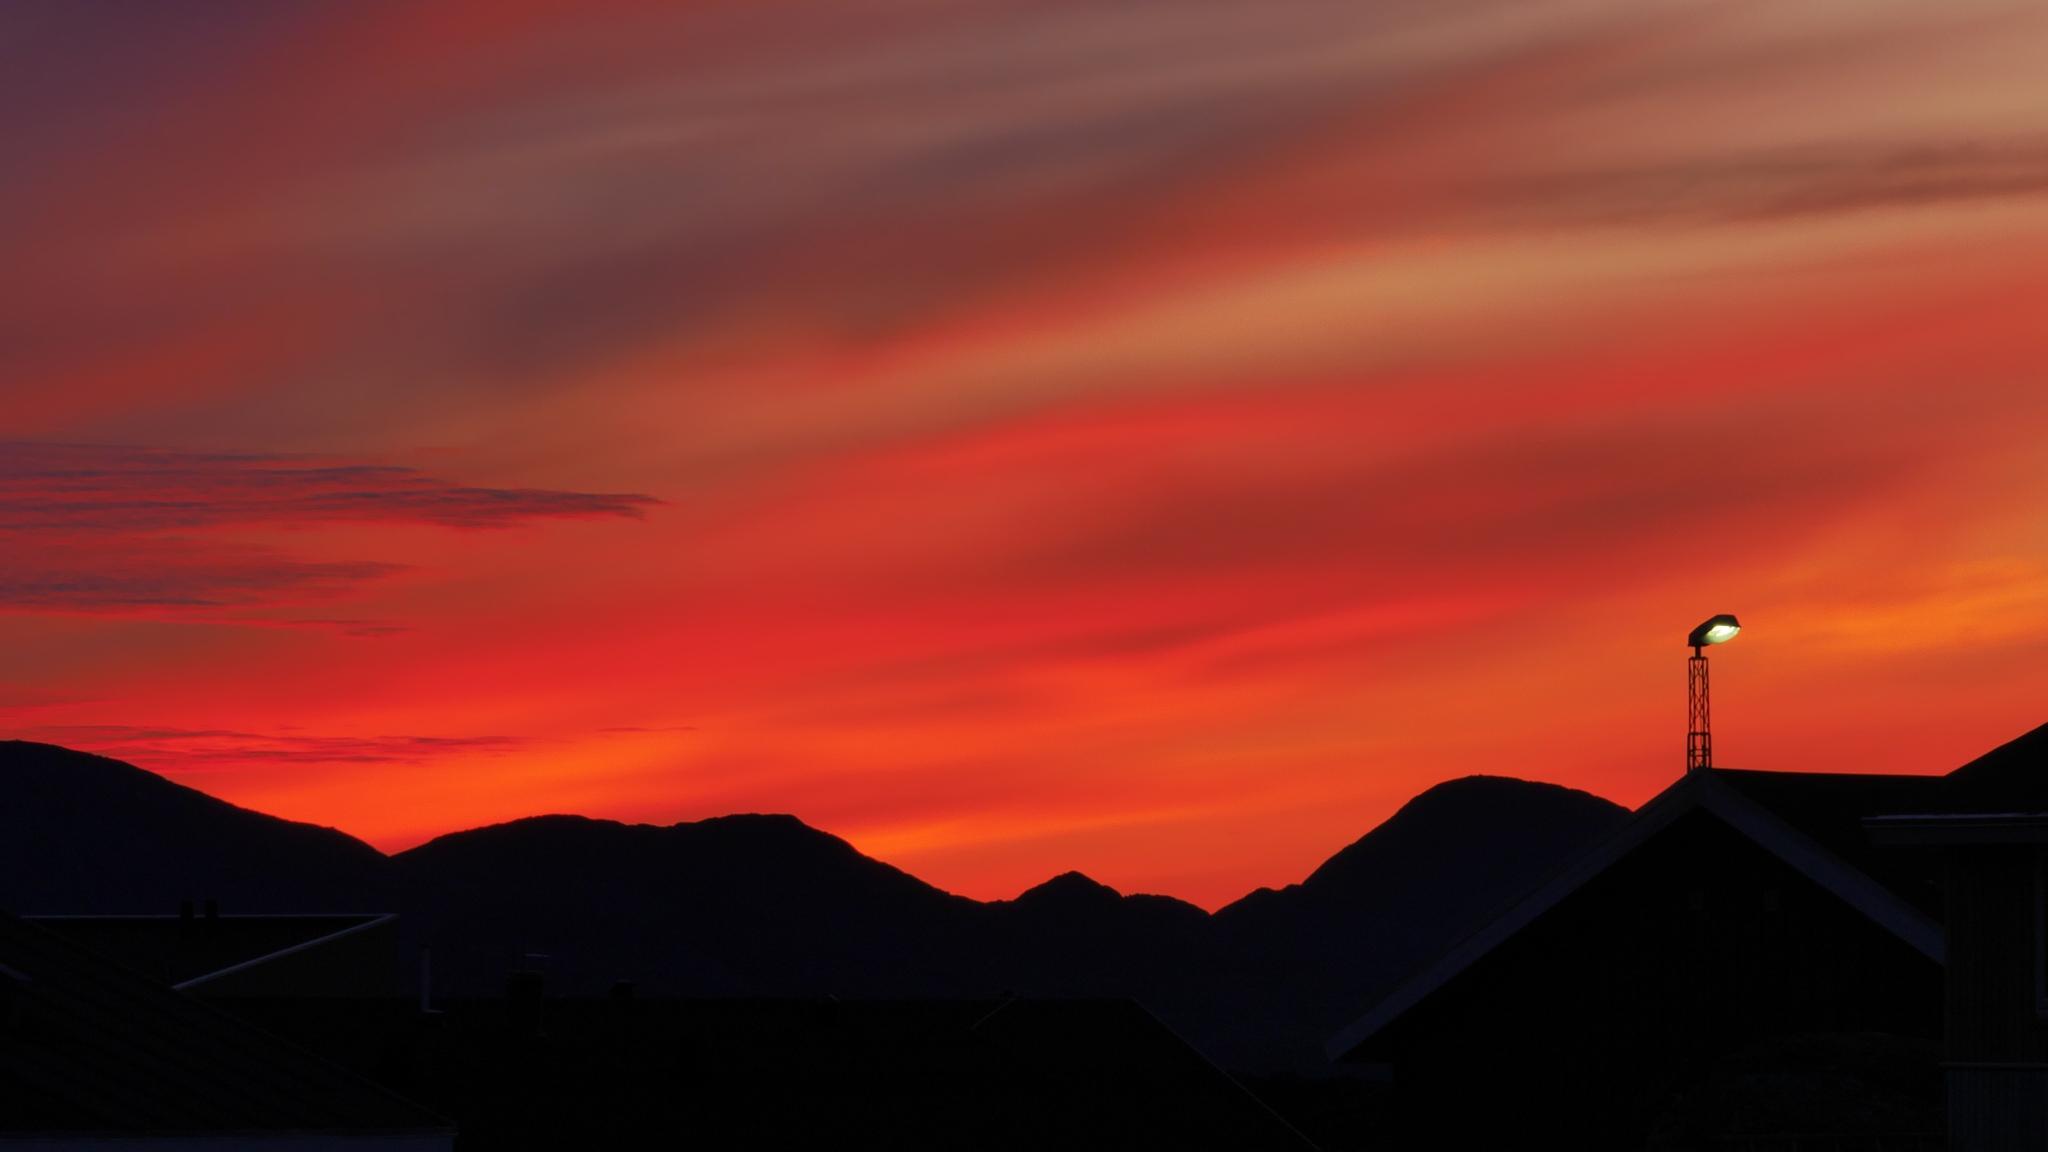 sunset nuuk greenland. by Tom Augo Lynge